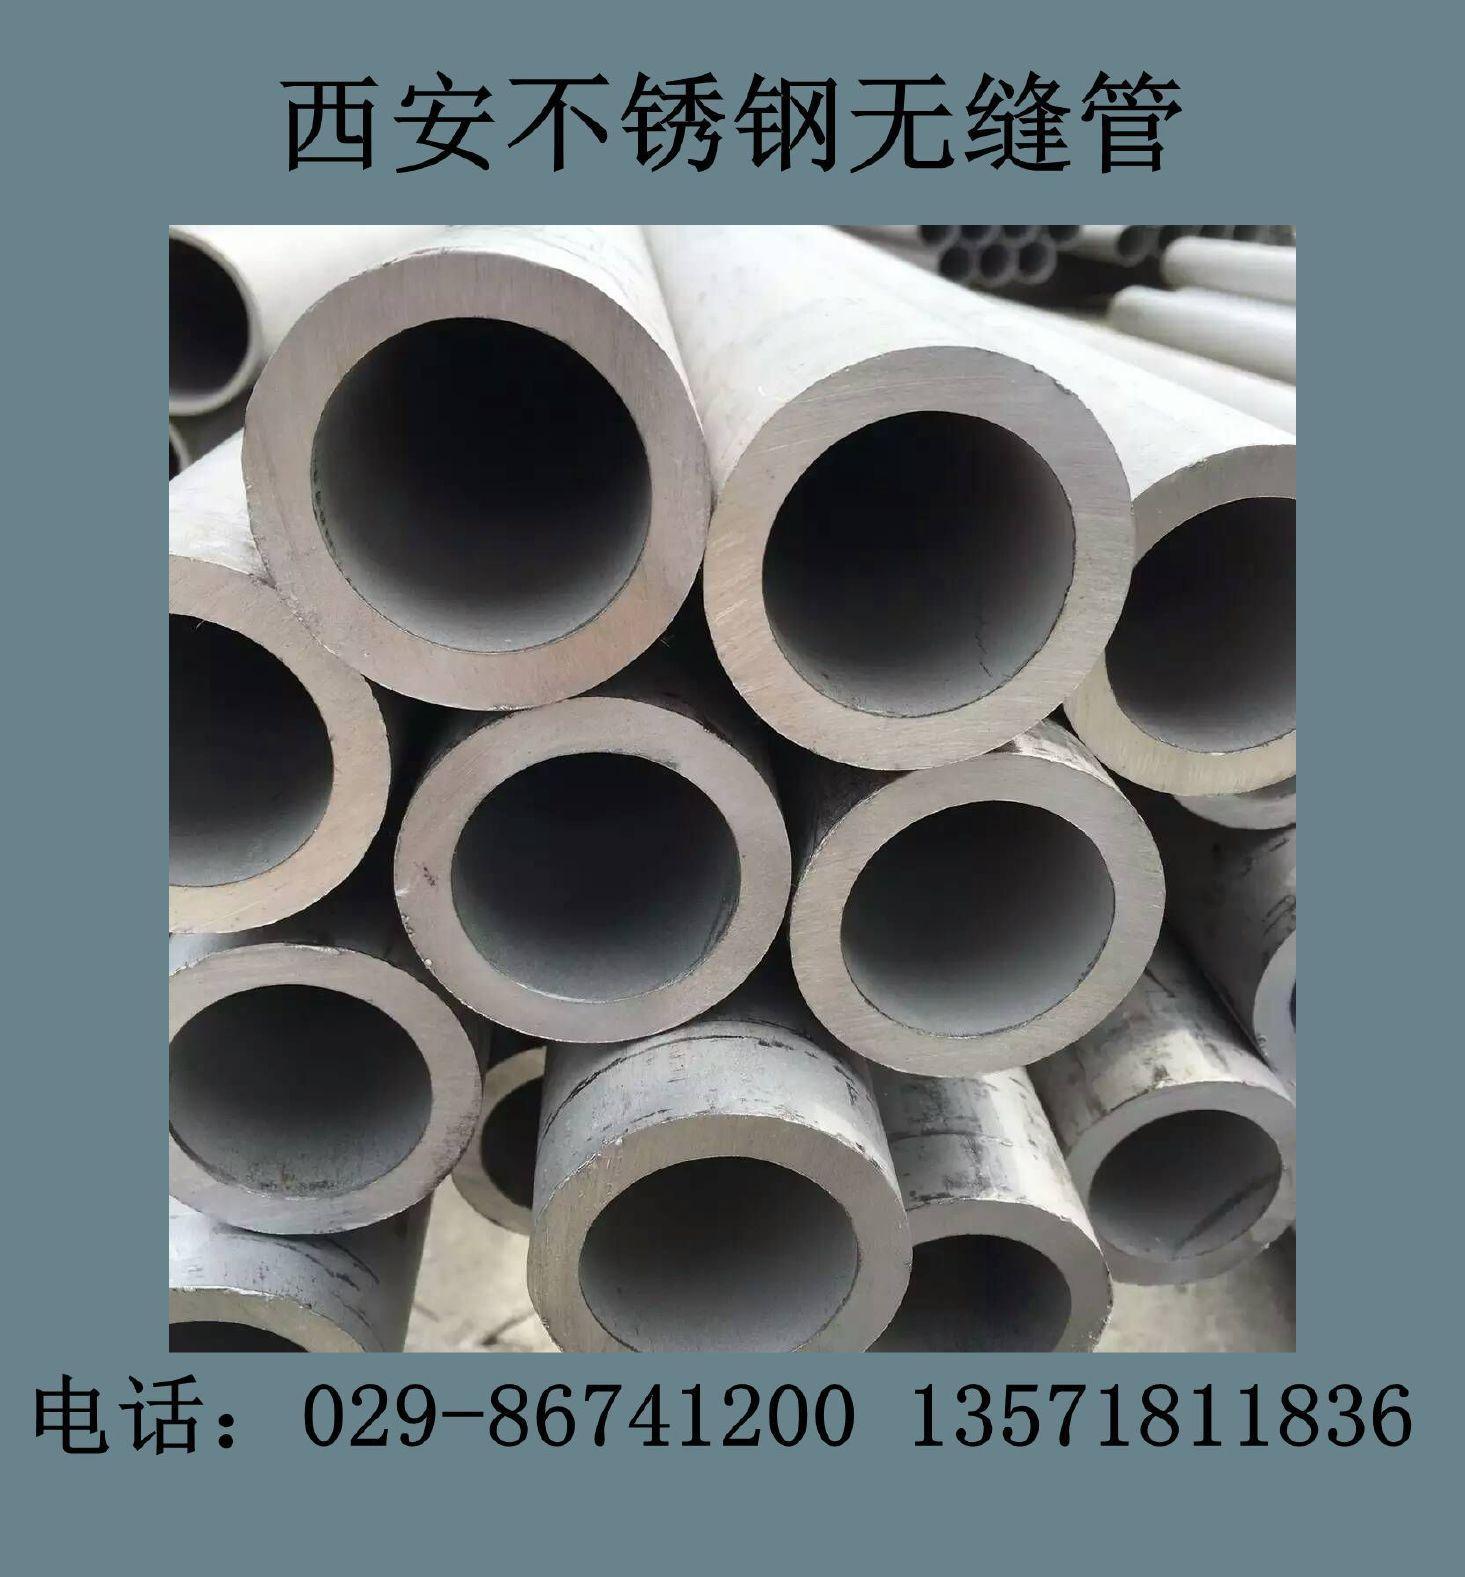 克拉瑪依不銹鋼管克拉瑪依304不銹鋼管316不銹鋼管廠家直銷